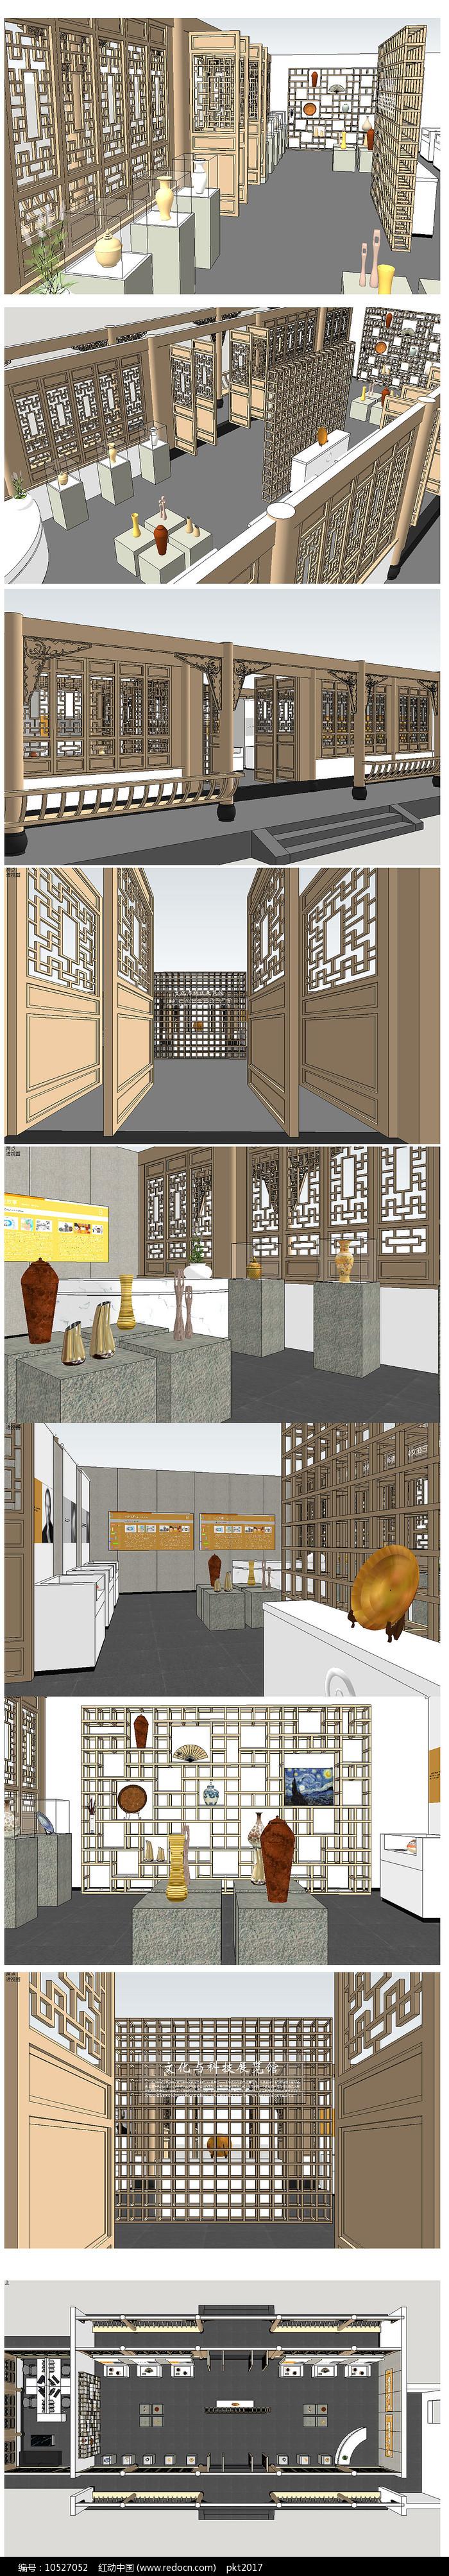 中式展厅展览馆 图片